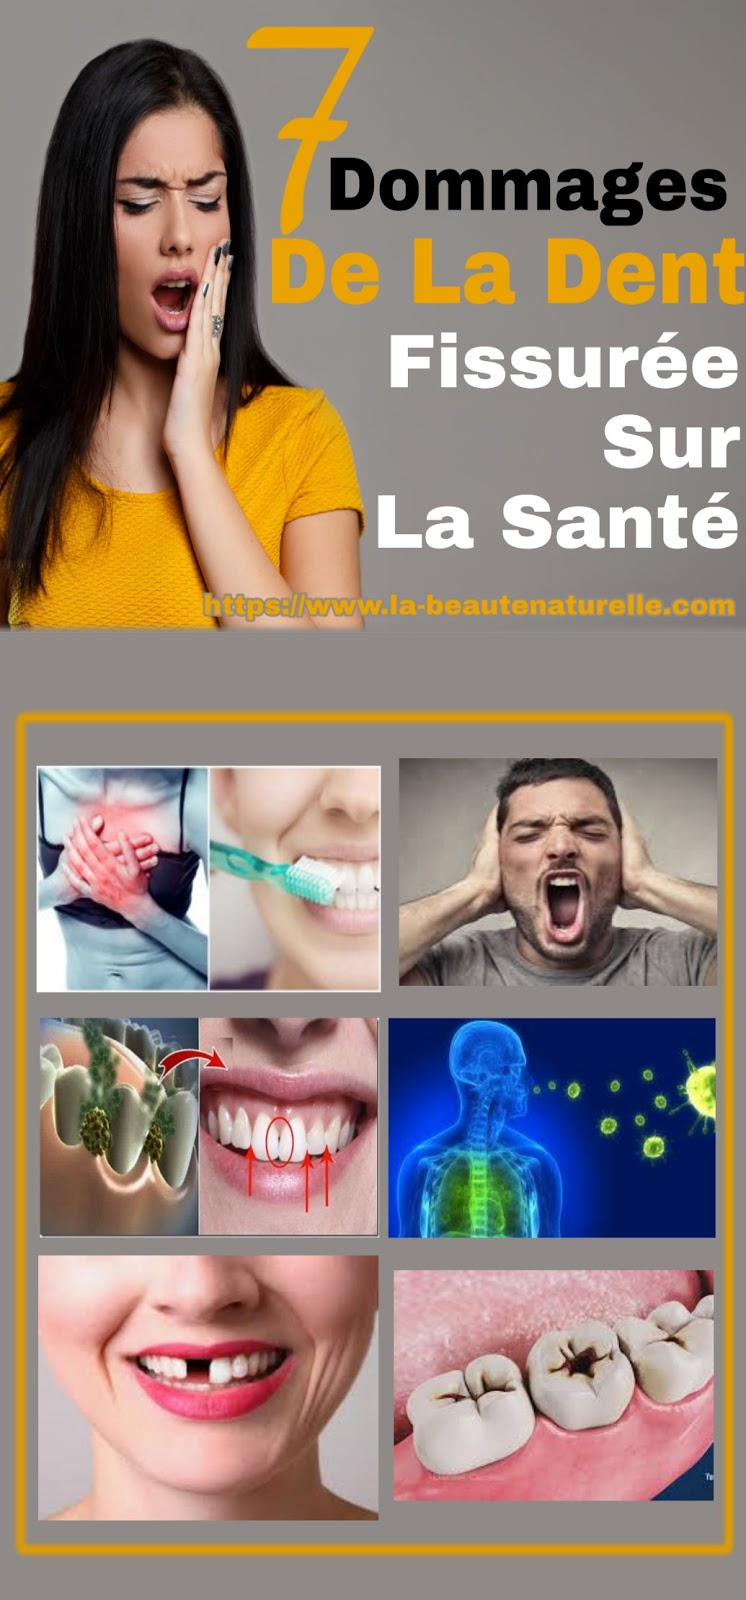 7 Dommages De La Dent Fissurée Sur La Santé